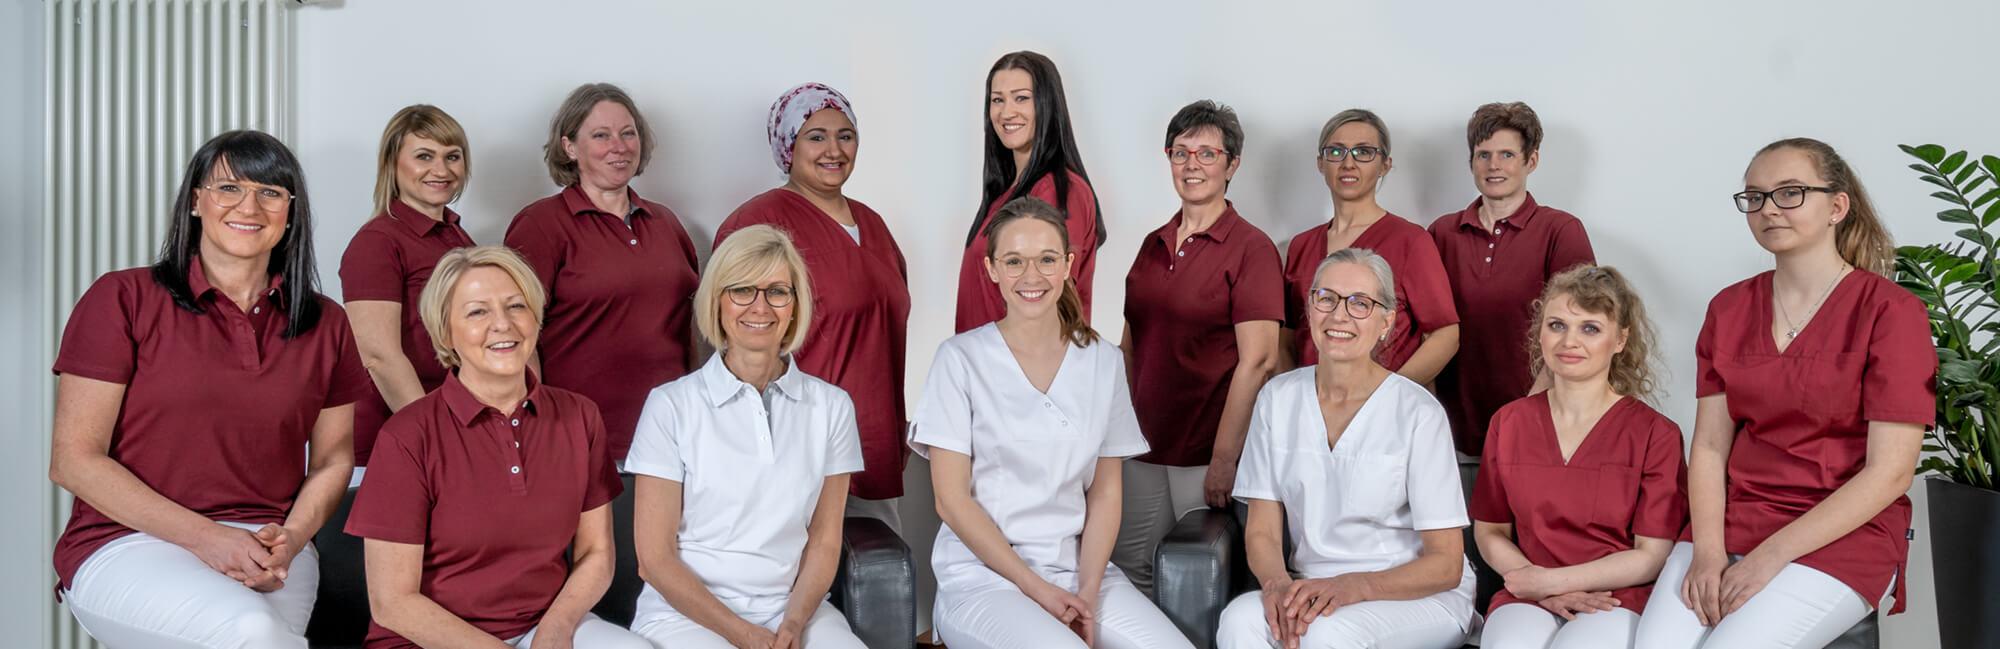 Zahnarzt Hüttlingen - Dr. Scheuermann - Team Slider